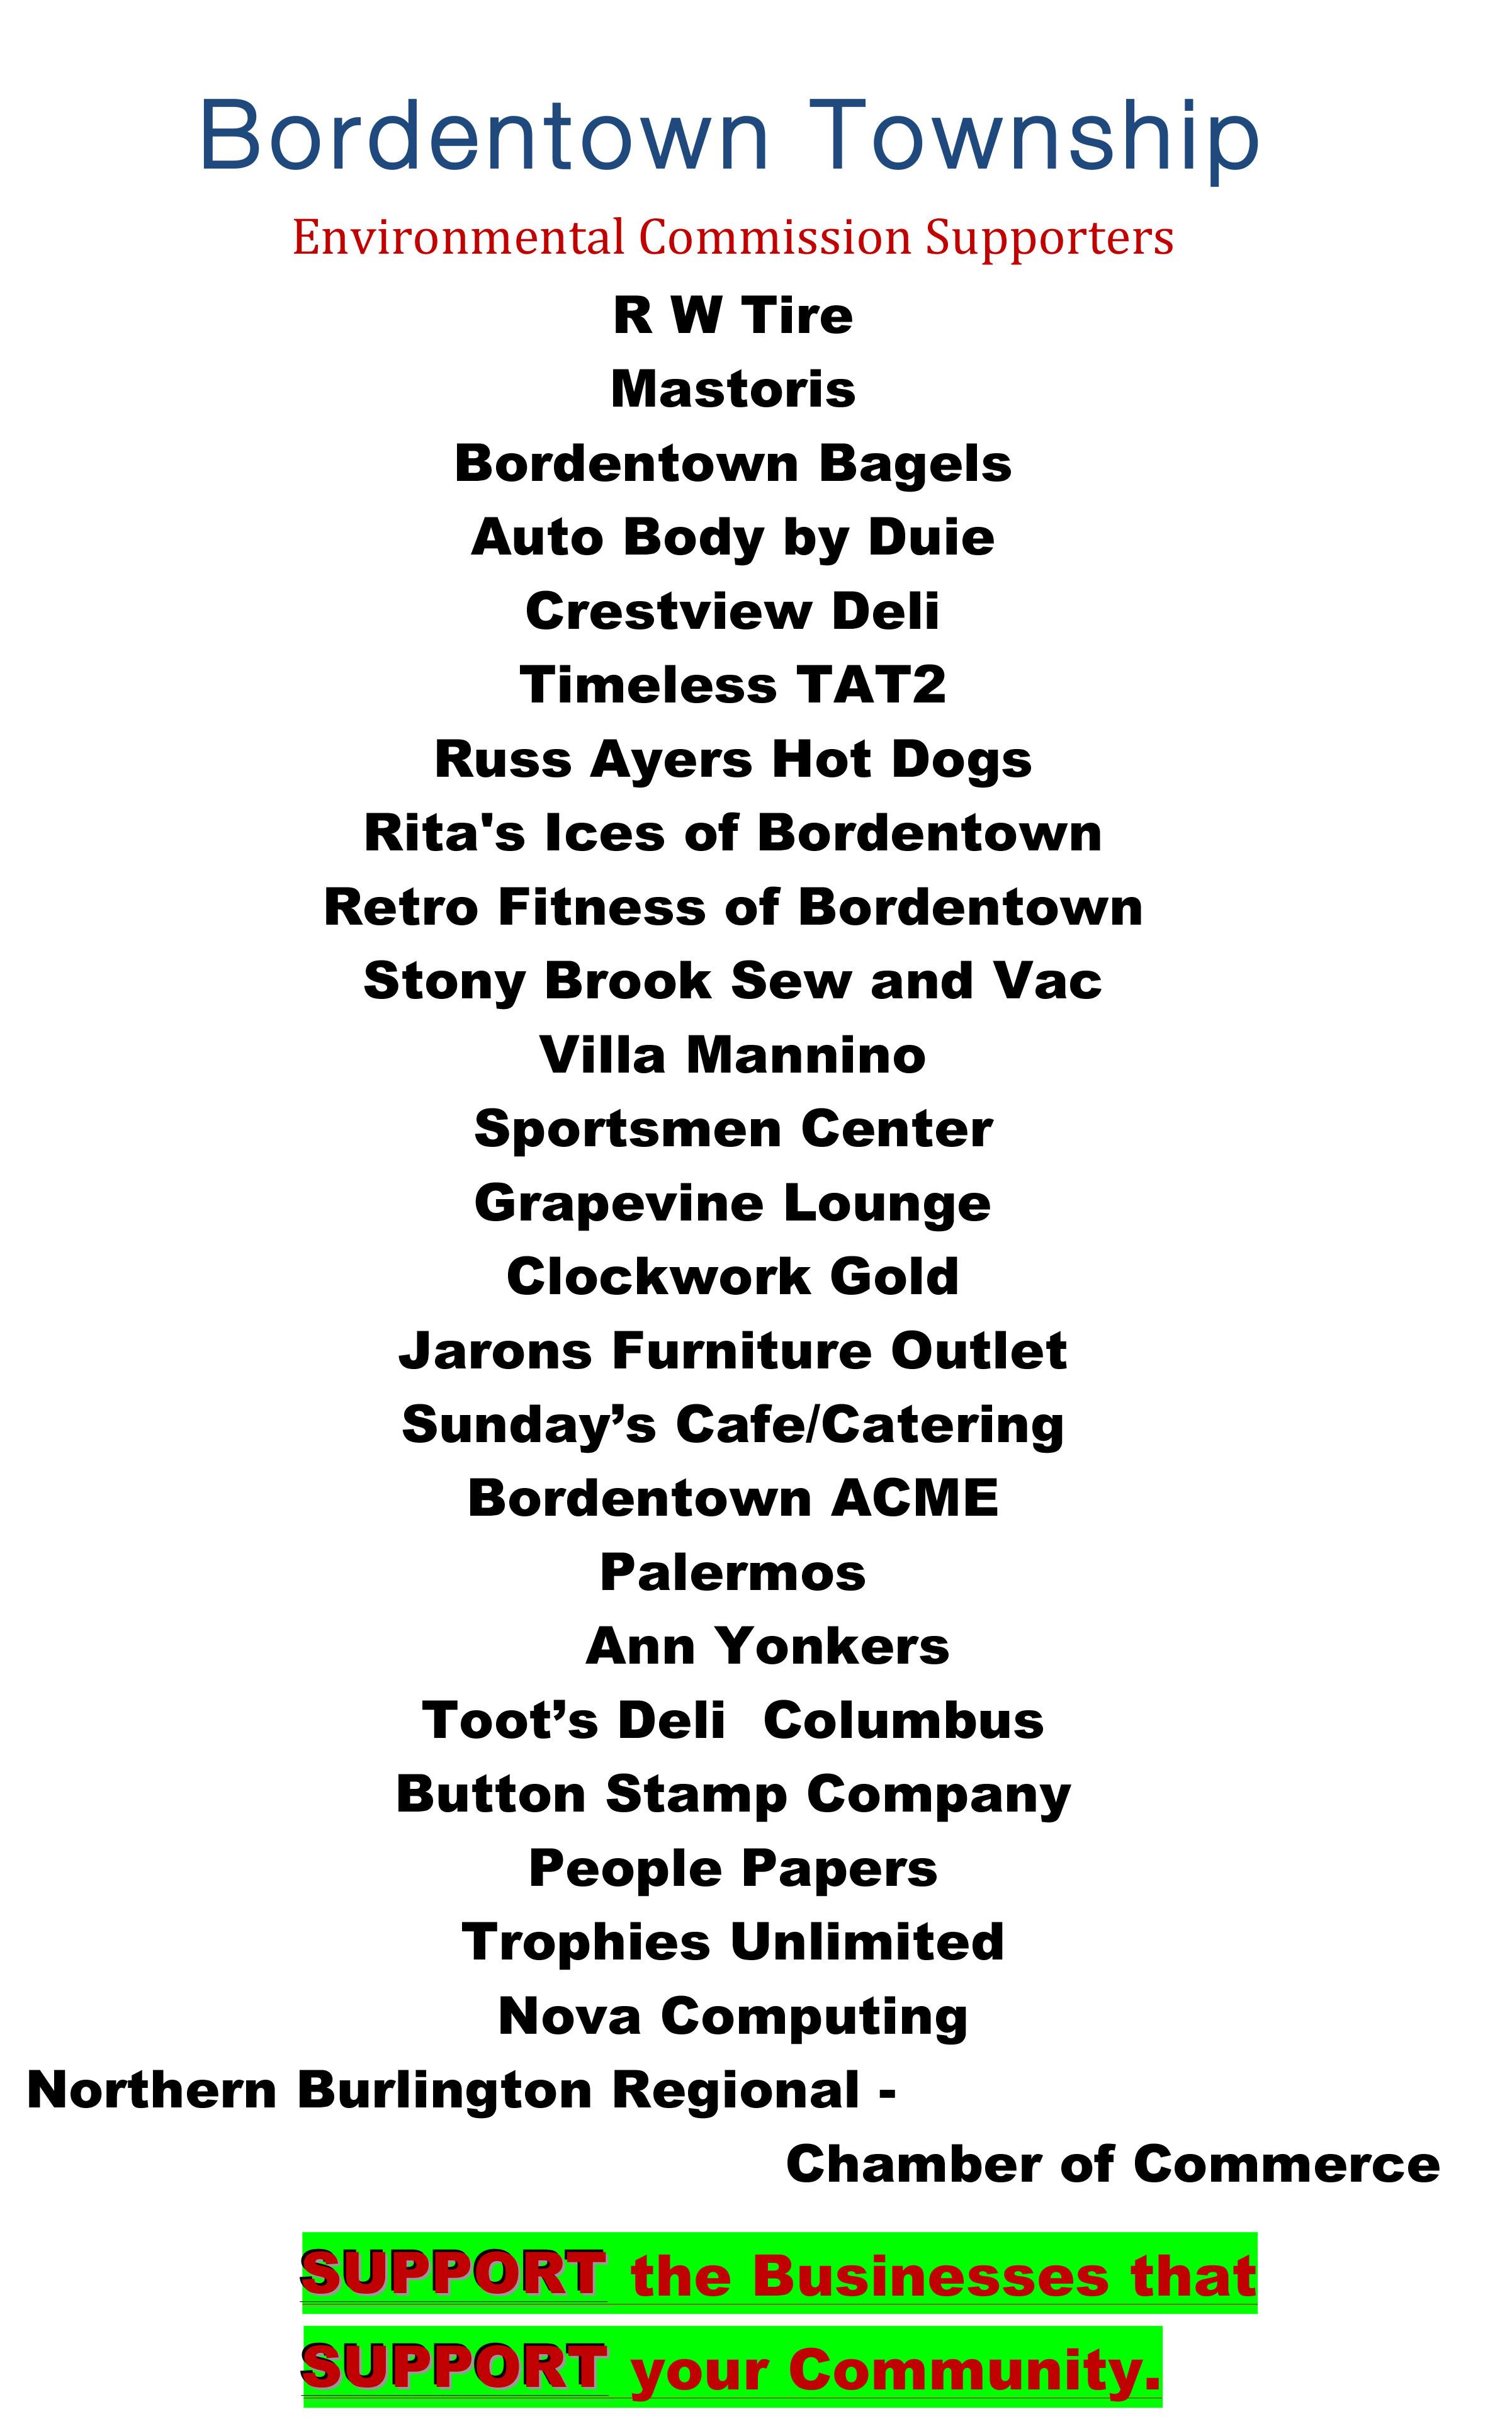 2013-sponsor-list-poster-legal.jpg